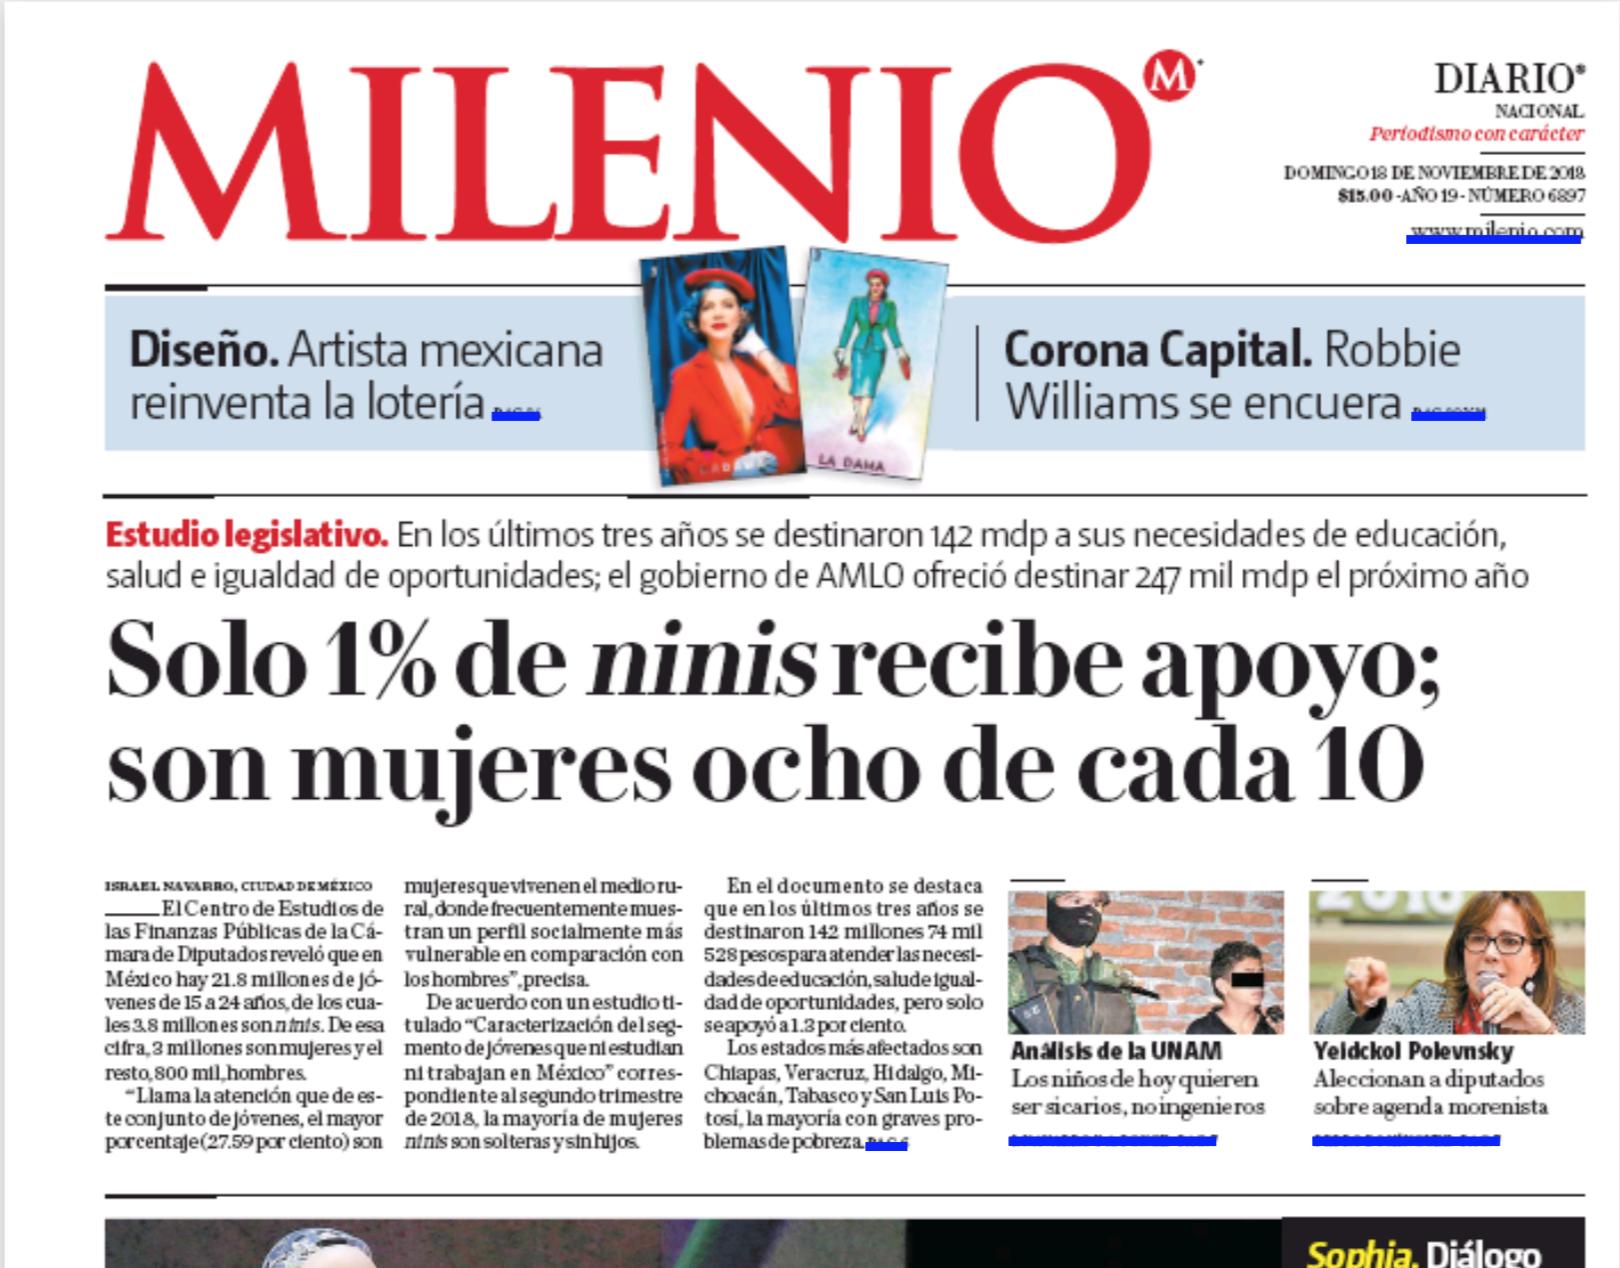 Milenio PRINTED COVER